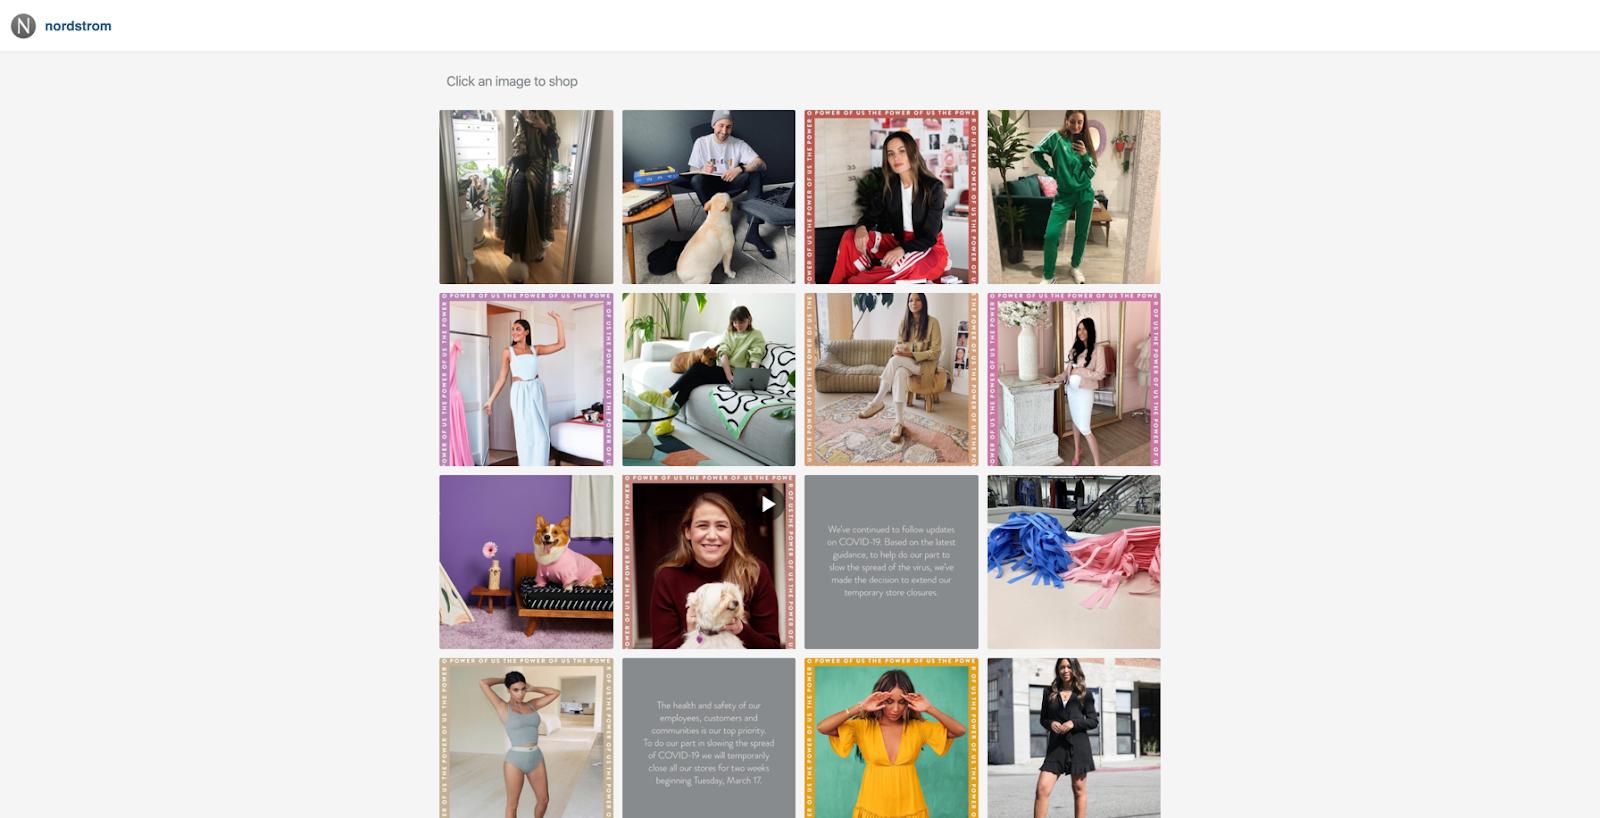 Enlace de Nordstroms en biografía que lleva a los usuarios a su tienda de comercio electrónico de Instagram